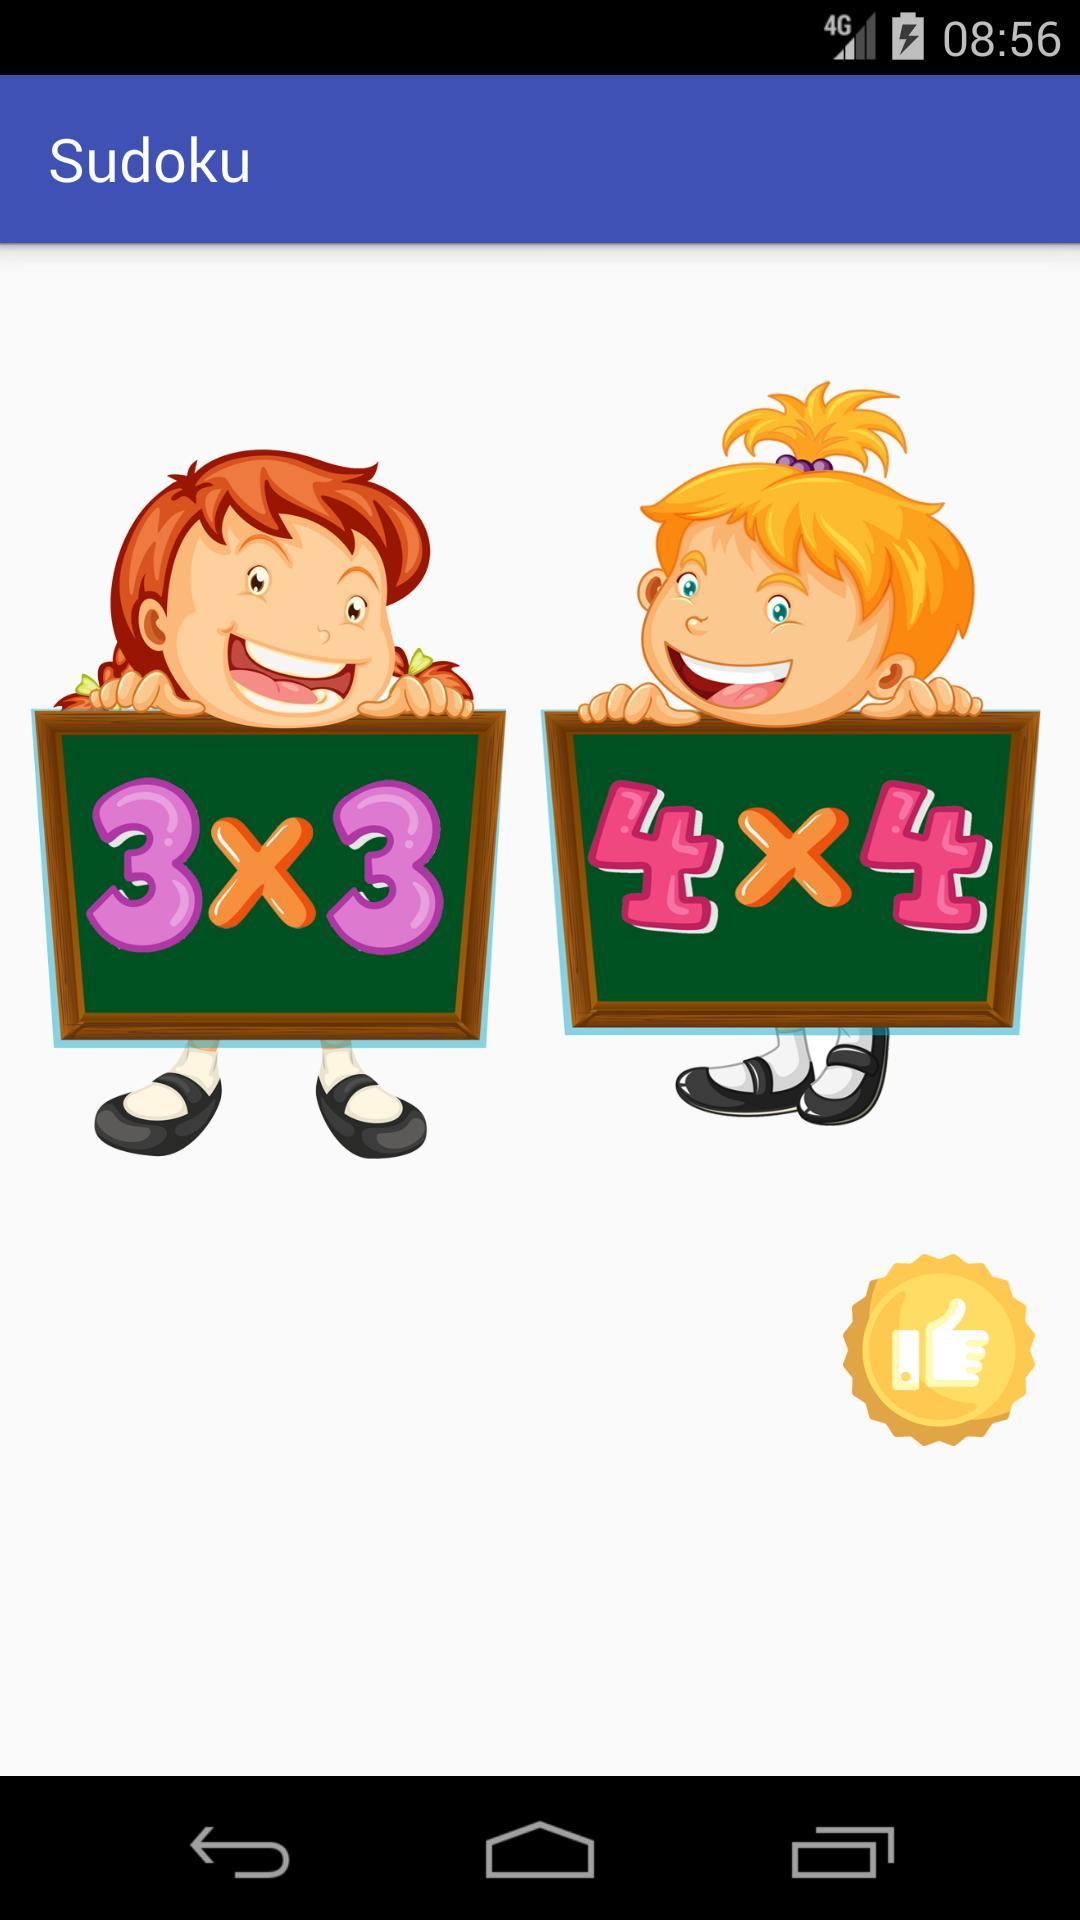 Jeu De Sudoku Pour Les Enfants Pour Android - Téléchargez L'apk tout Sudoku Gratuit Enfant